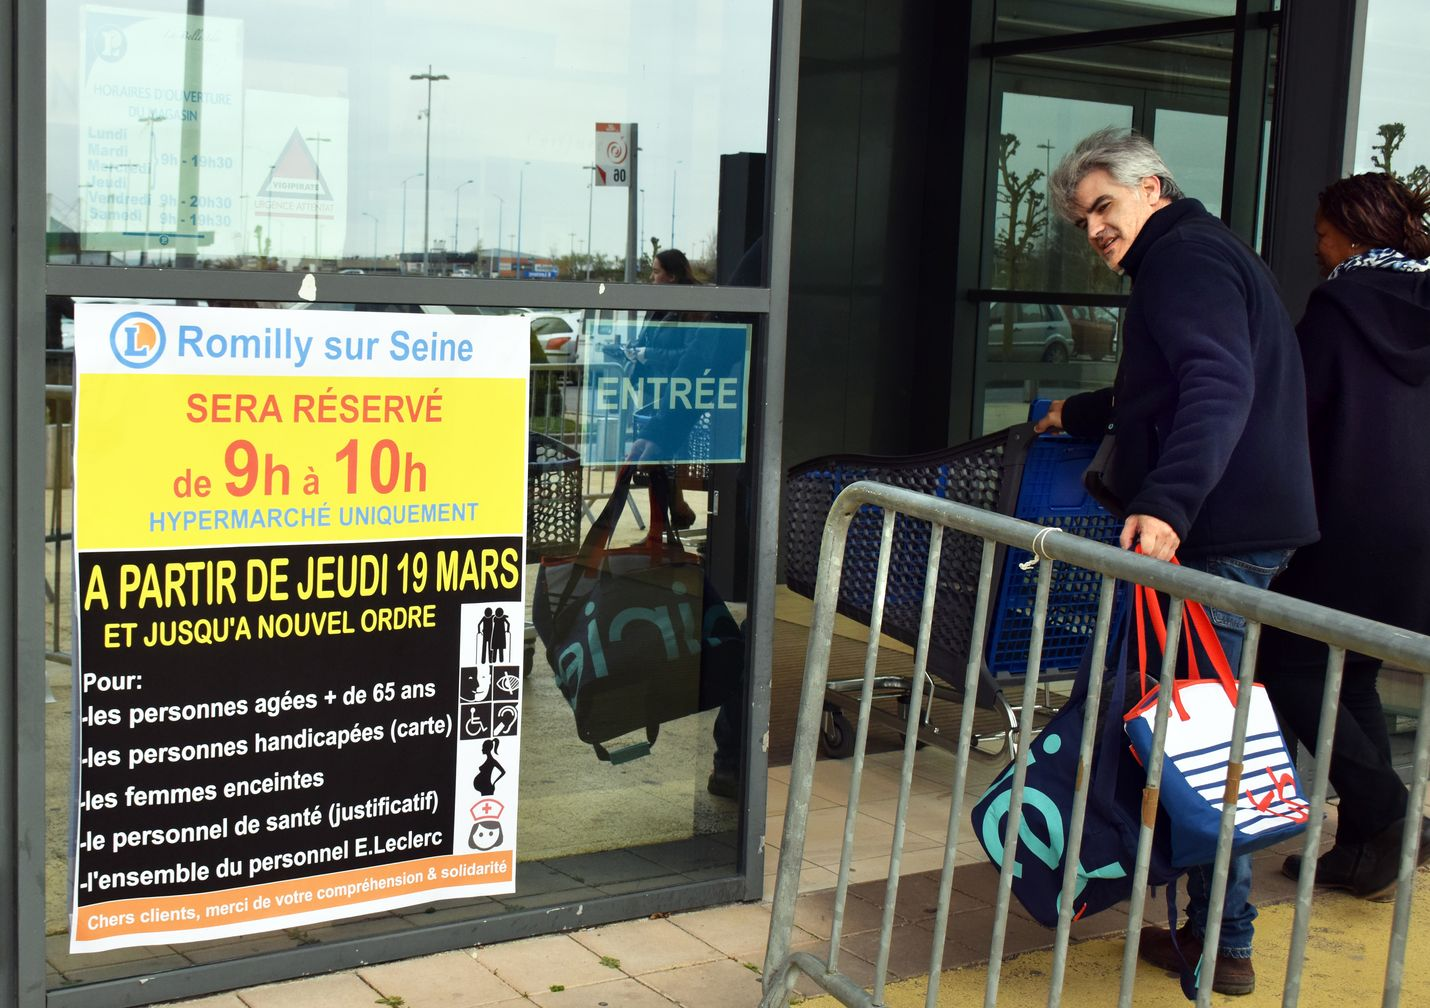 Monet marketit ovat Ranskassa määräaikoina avoimia vain yli 65-vuotiaille, raskaana oleville, invalideille ja sairaanhoitohenkilökunnalle.